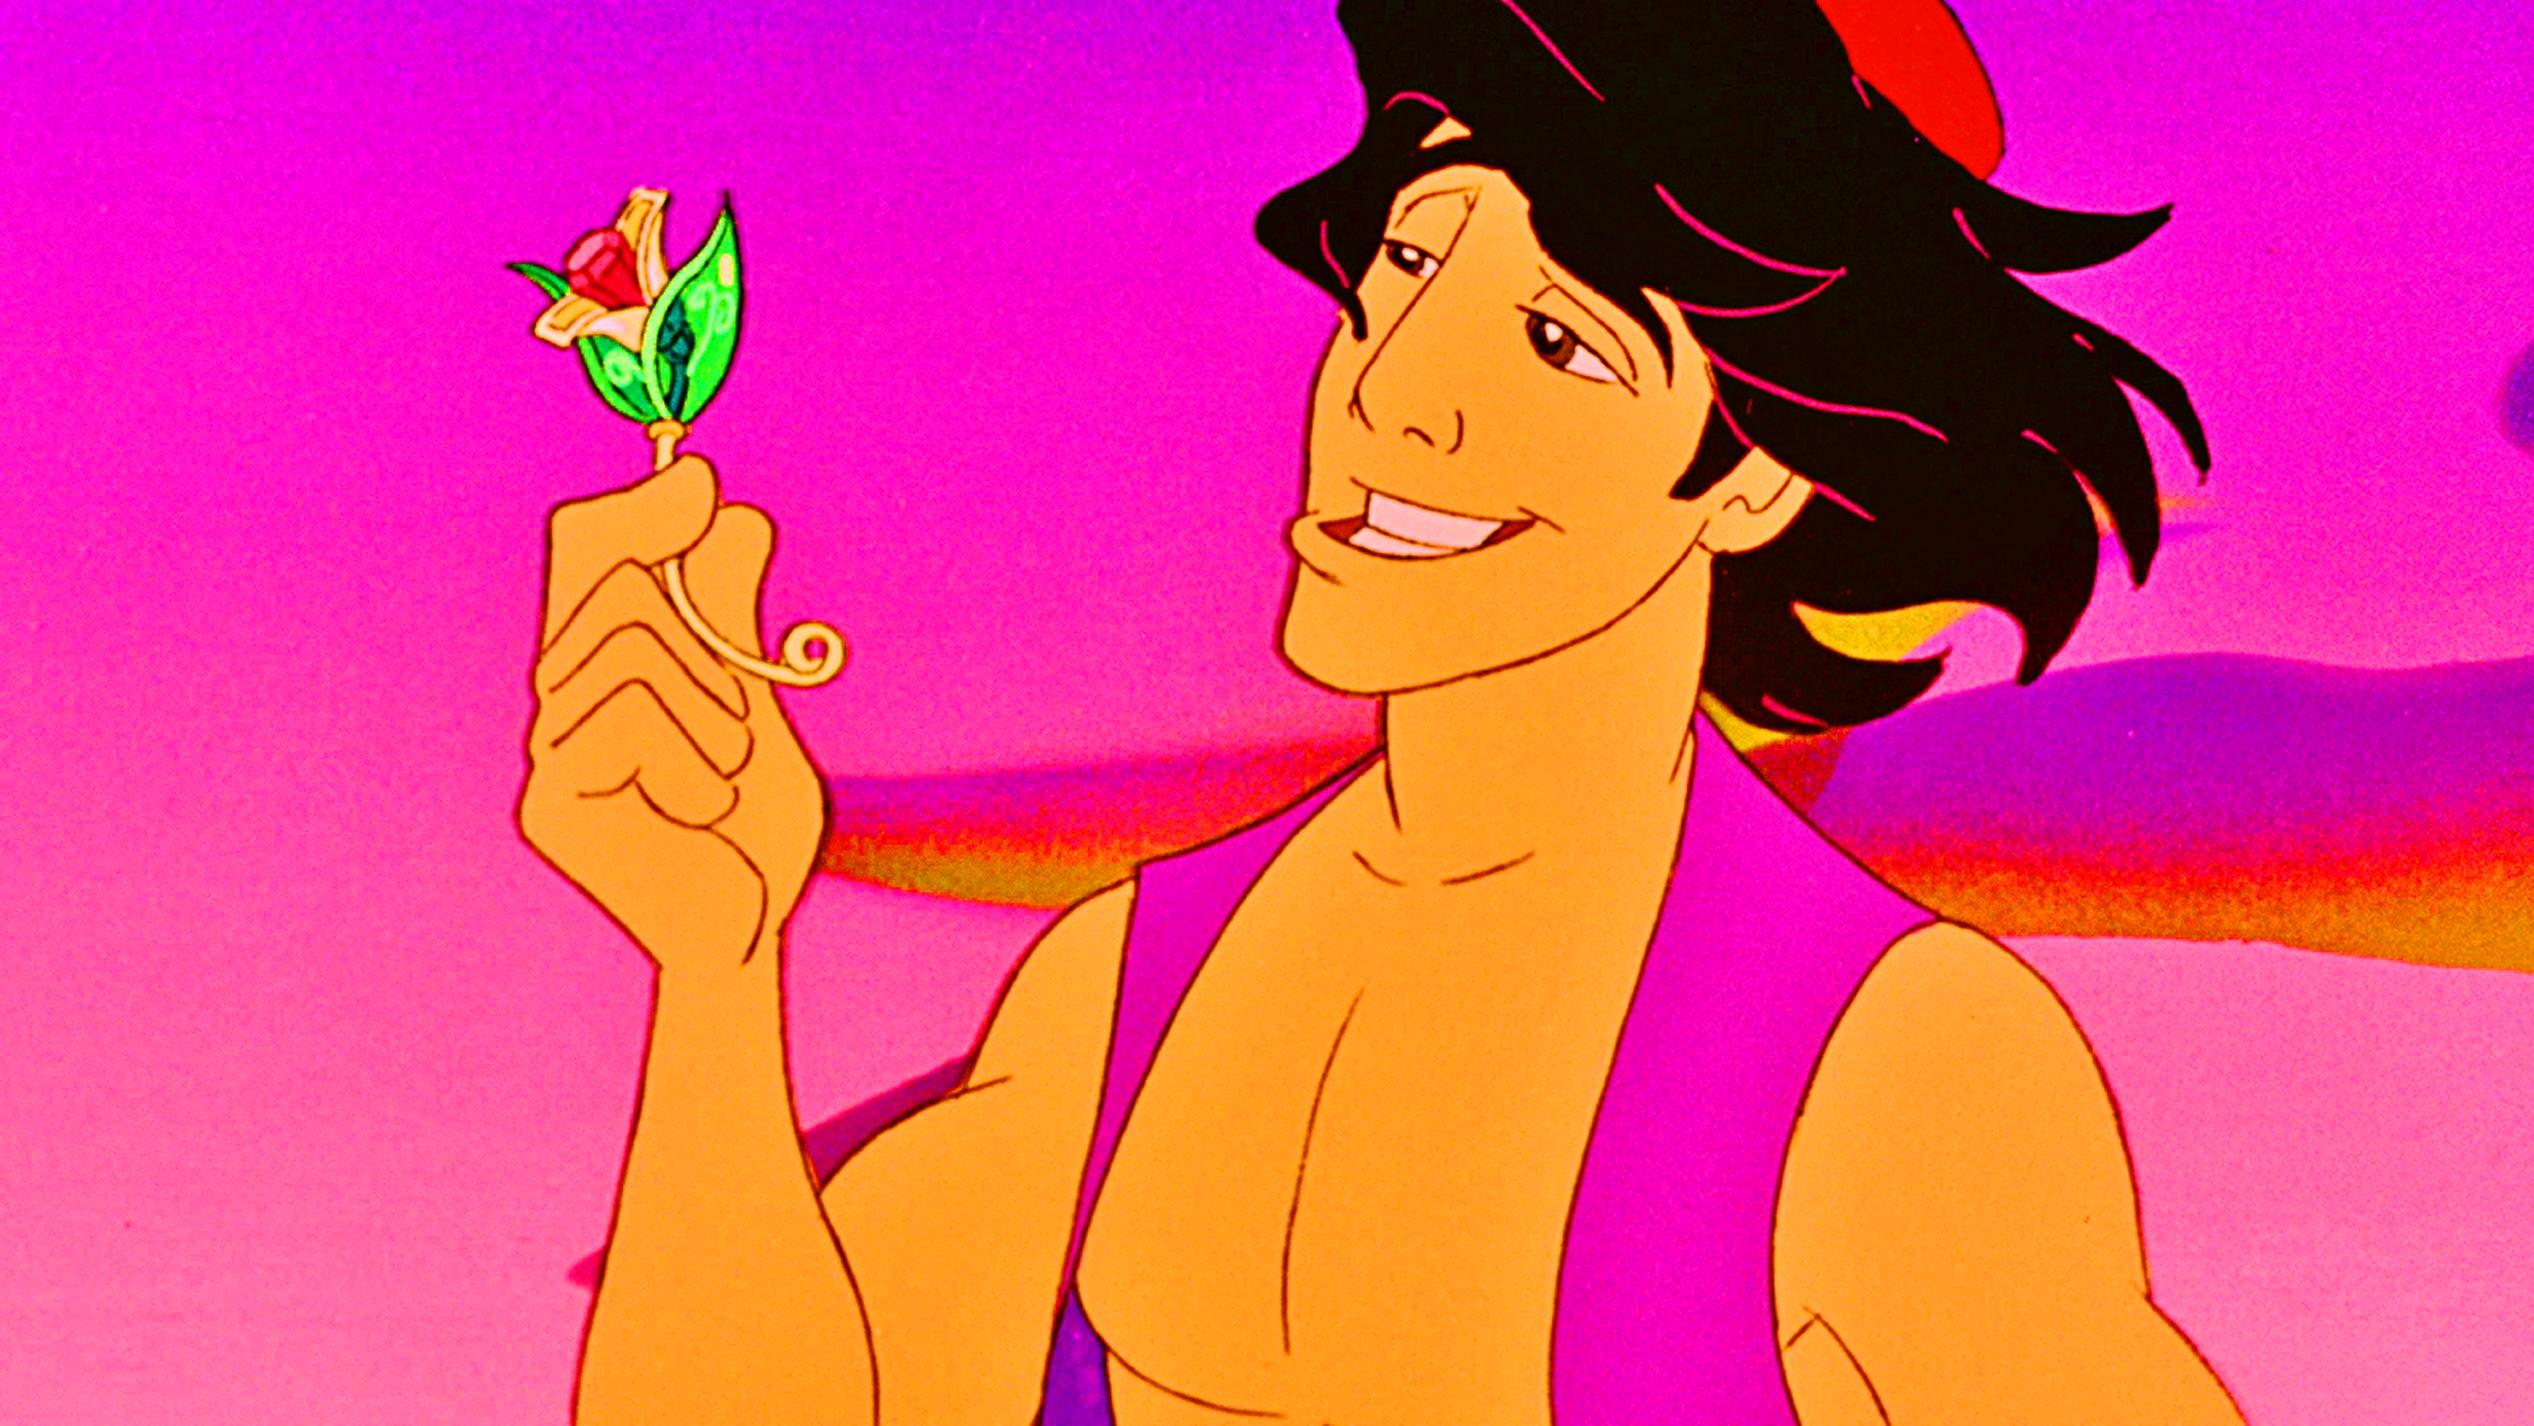 Aladdin Disney Personnages personnages de walt disney images walt disney screencaps – prince